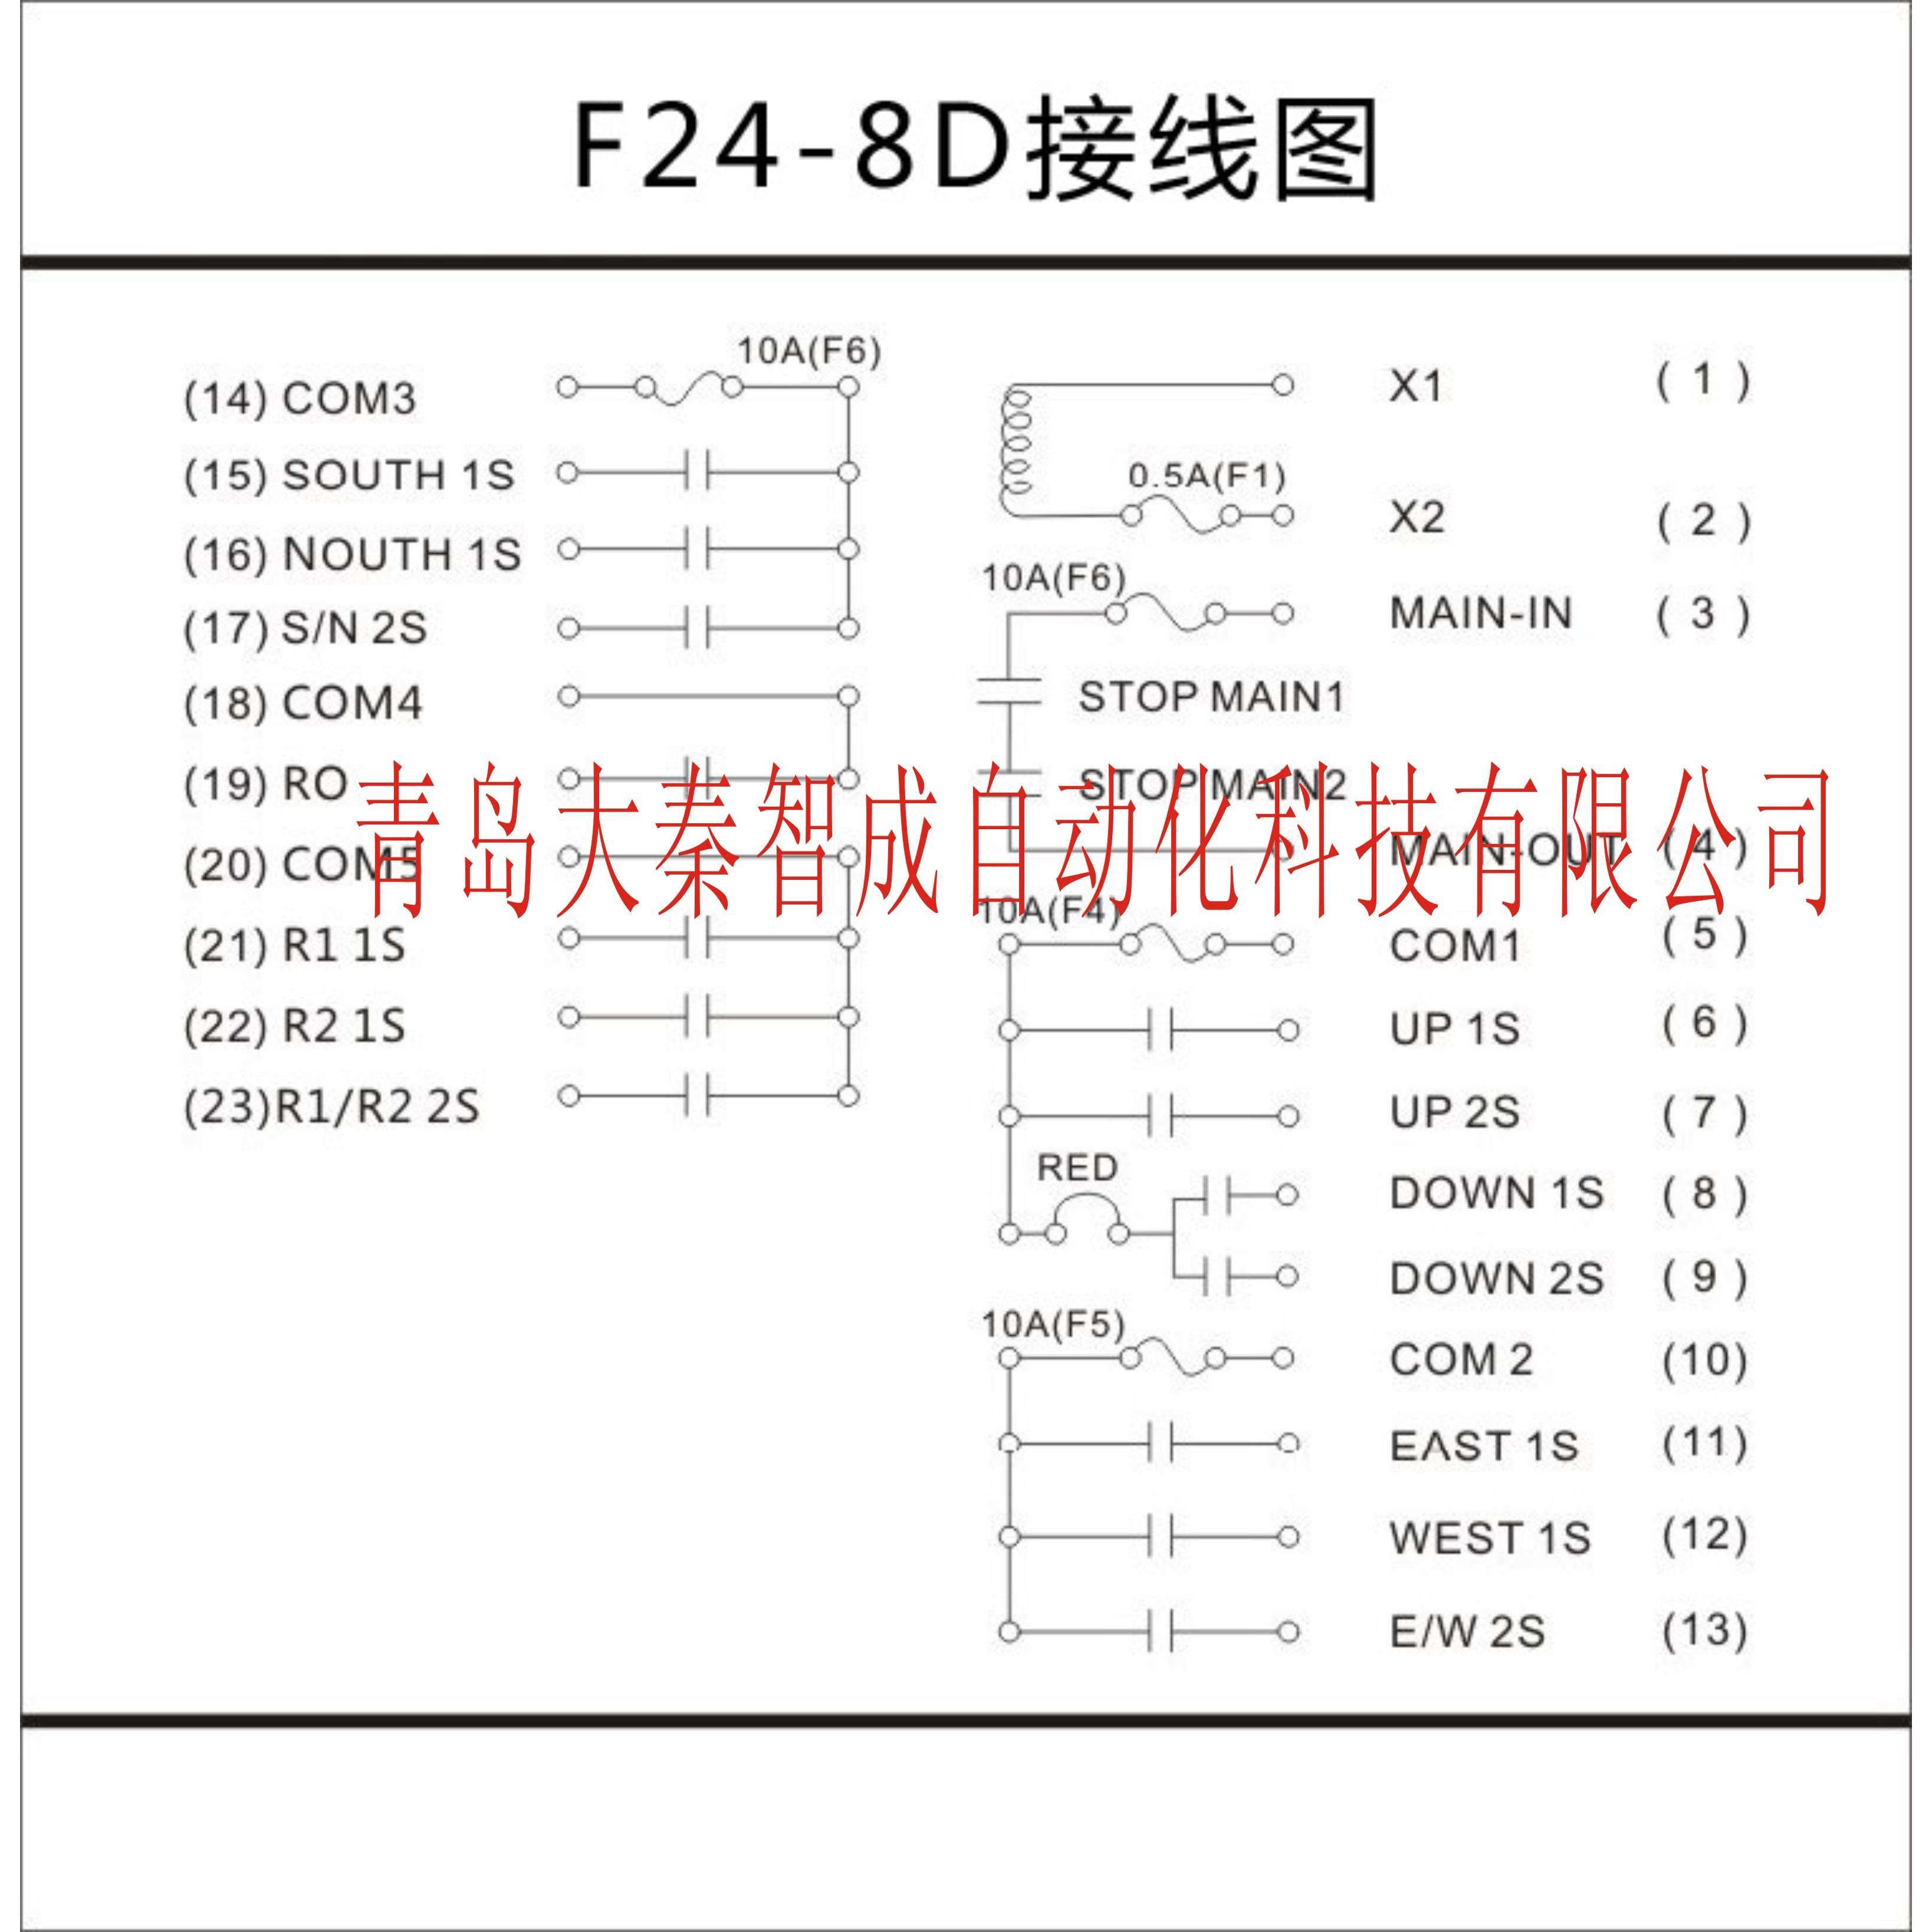 F24-8D (双速) 发射器(手持) 尺寸:18.6x6.1x5.1厘米 重量:约255克 接收机 尺寸:20x16.2x10.7厘米 重量:1220克 *8只功能按键(两段式按键)+蘑菇头急停+启动钥匙+备用 *控制点数达19个 *带有电池电压警示装置,在电压不足时能自行切断电路。 *安全旋转钥匙开关,防止未授权者使用。 *尼龙加织的强化塑胶外壳,可防止摔落及强力碰撞所造成 的损坏。 增强型机种配备的两段式按键,是采用了全密封的一体化双速按键,使用寿命更长,手感更好。 总停按键采用了自锁定式红色蘑菇头